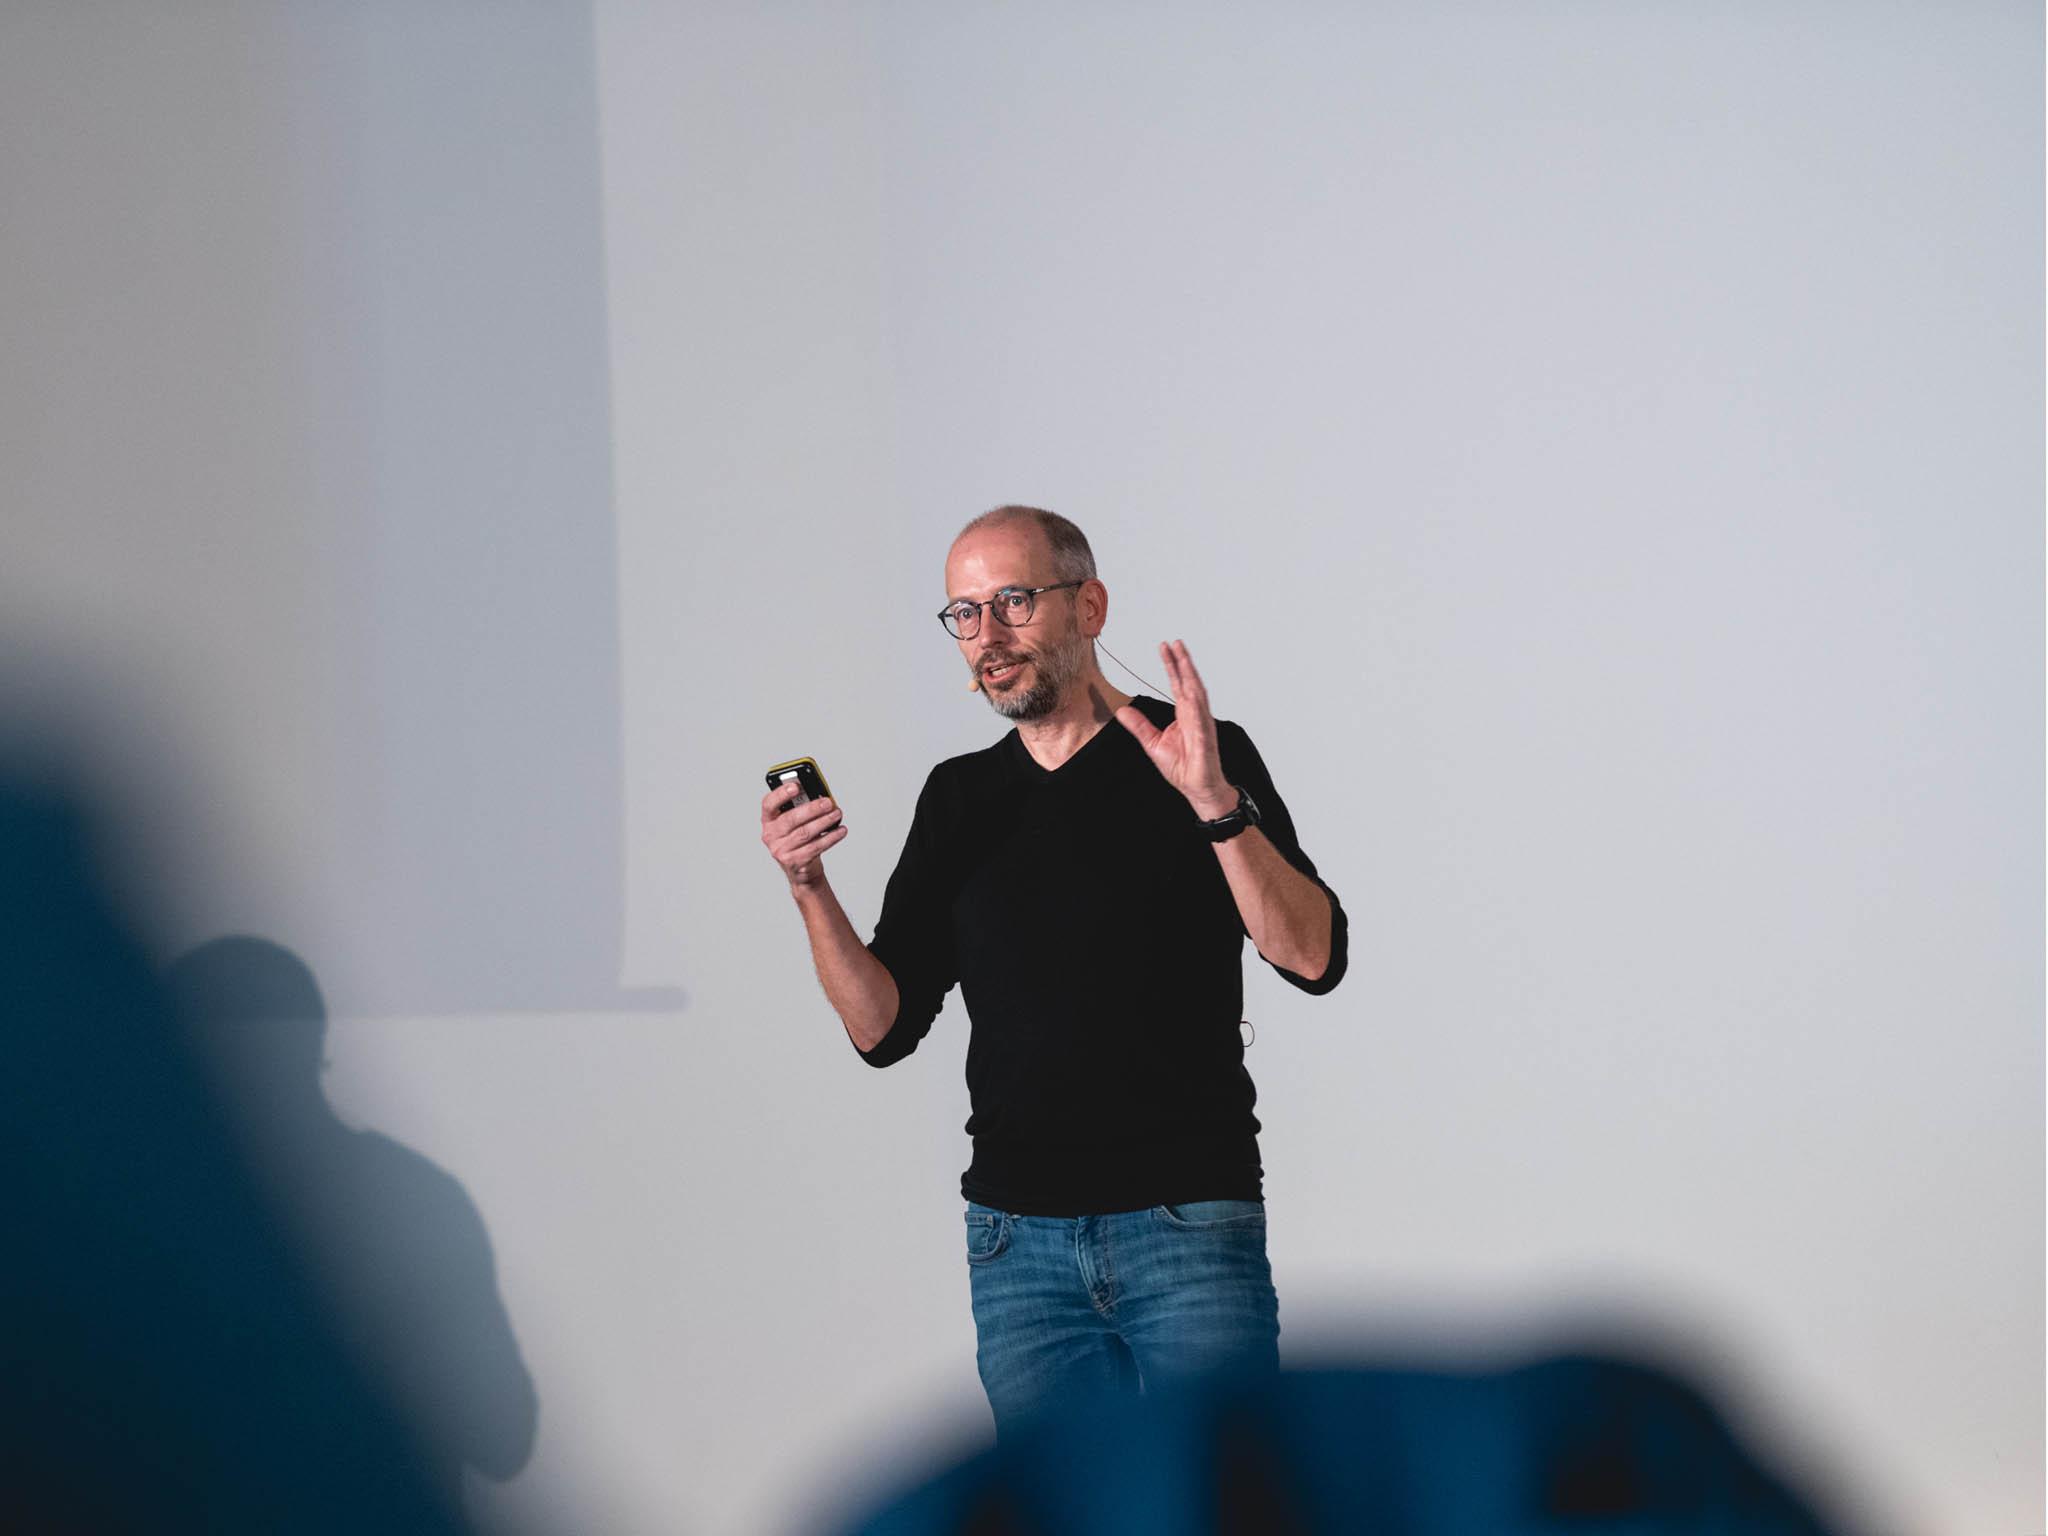 Napátém ročníku konference Customer experience, kterou pořádala společnost Clientology Institute, spolu sIlonou Katzovou přednášel také například Martin Frývaldský zWarhorse Studios.